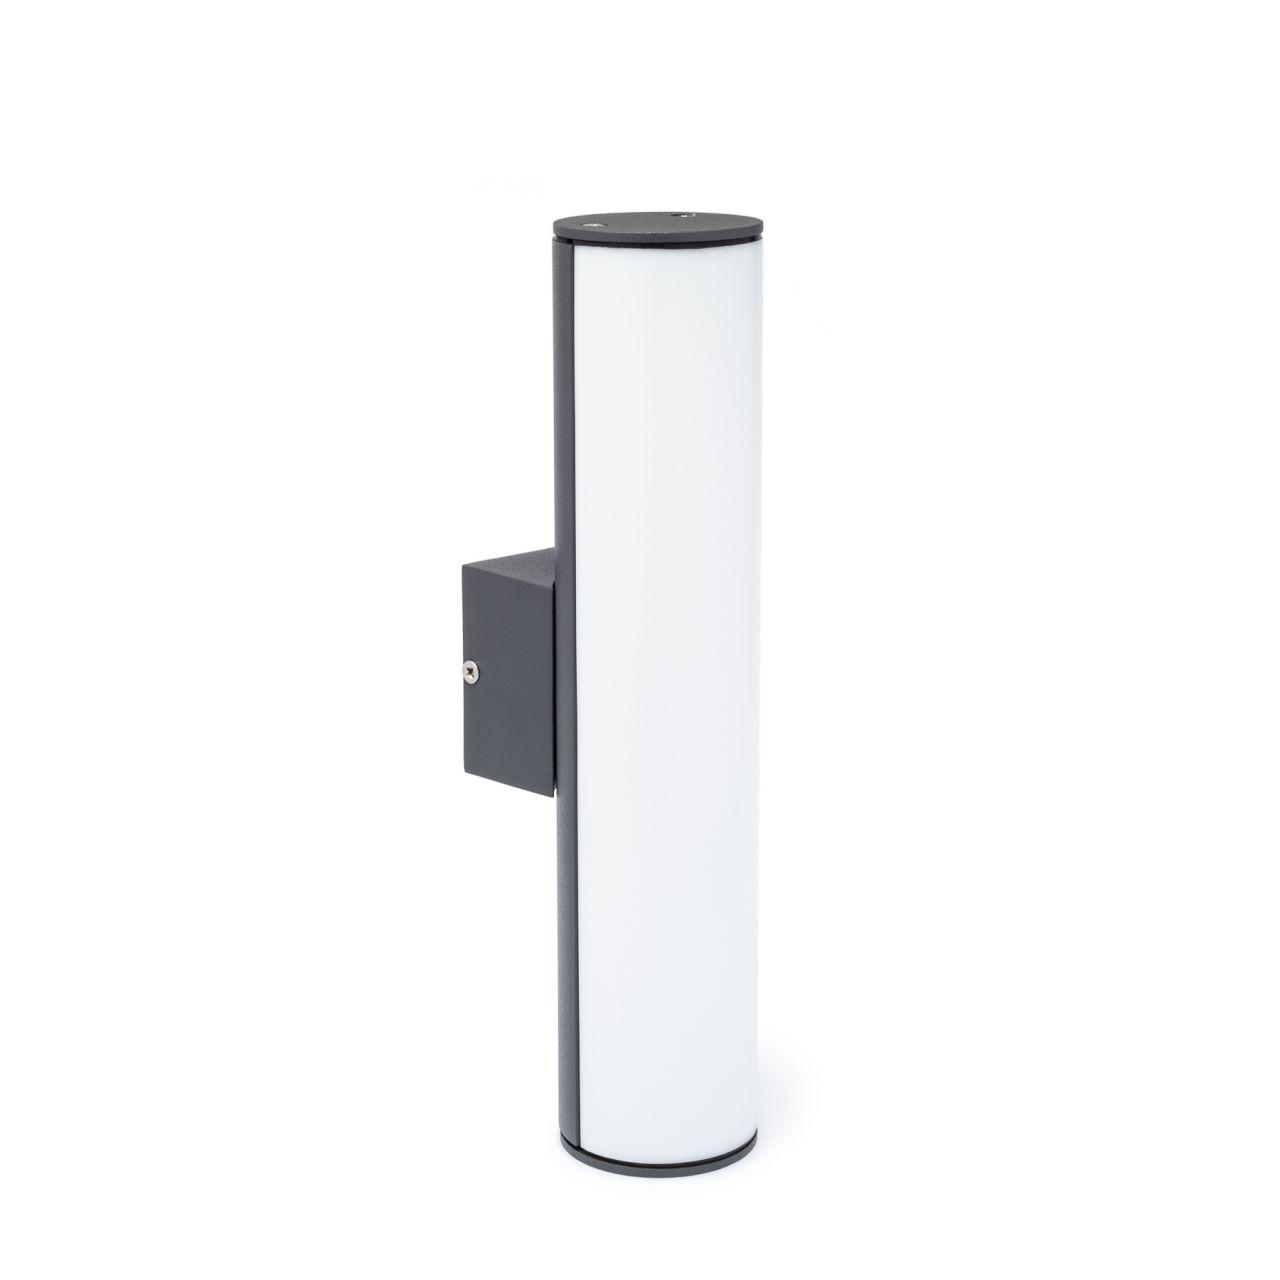 Wandleuchte Kandelo mini, 230V, 8W, warmweiß, IP54